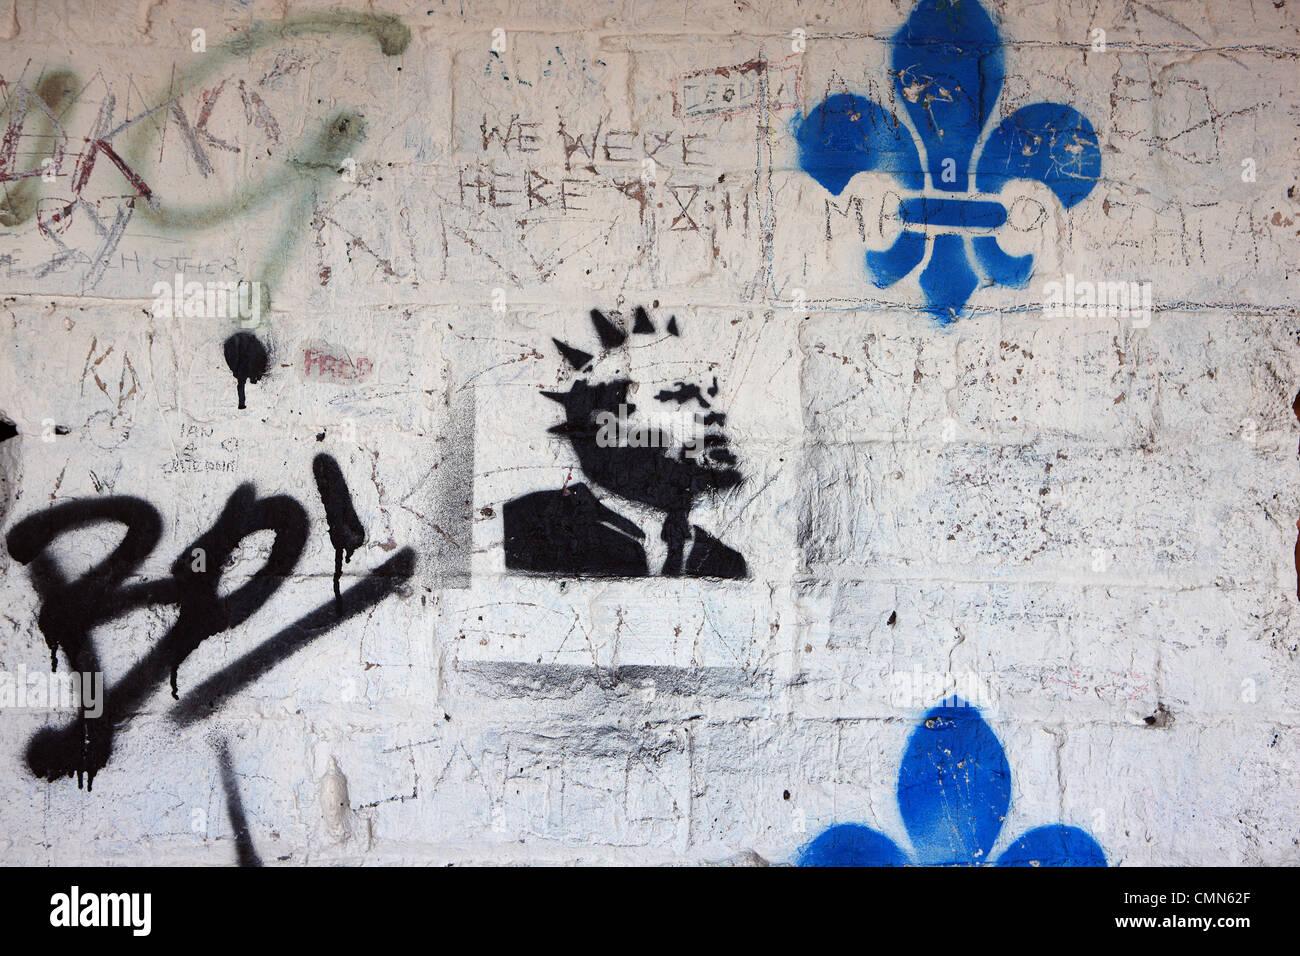 Graffiti e la tecnica a stencil sul muro di un edificio abbandonato Immagini Stock